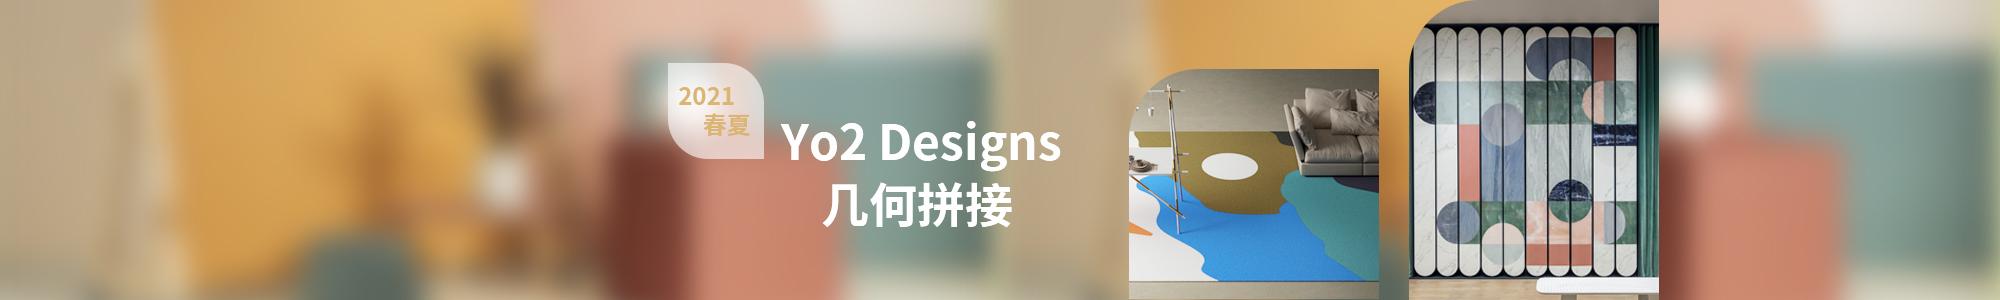 Yo2 Designs地毯banner